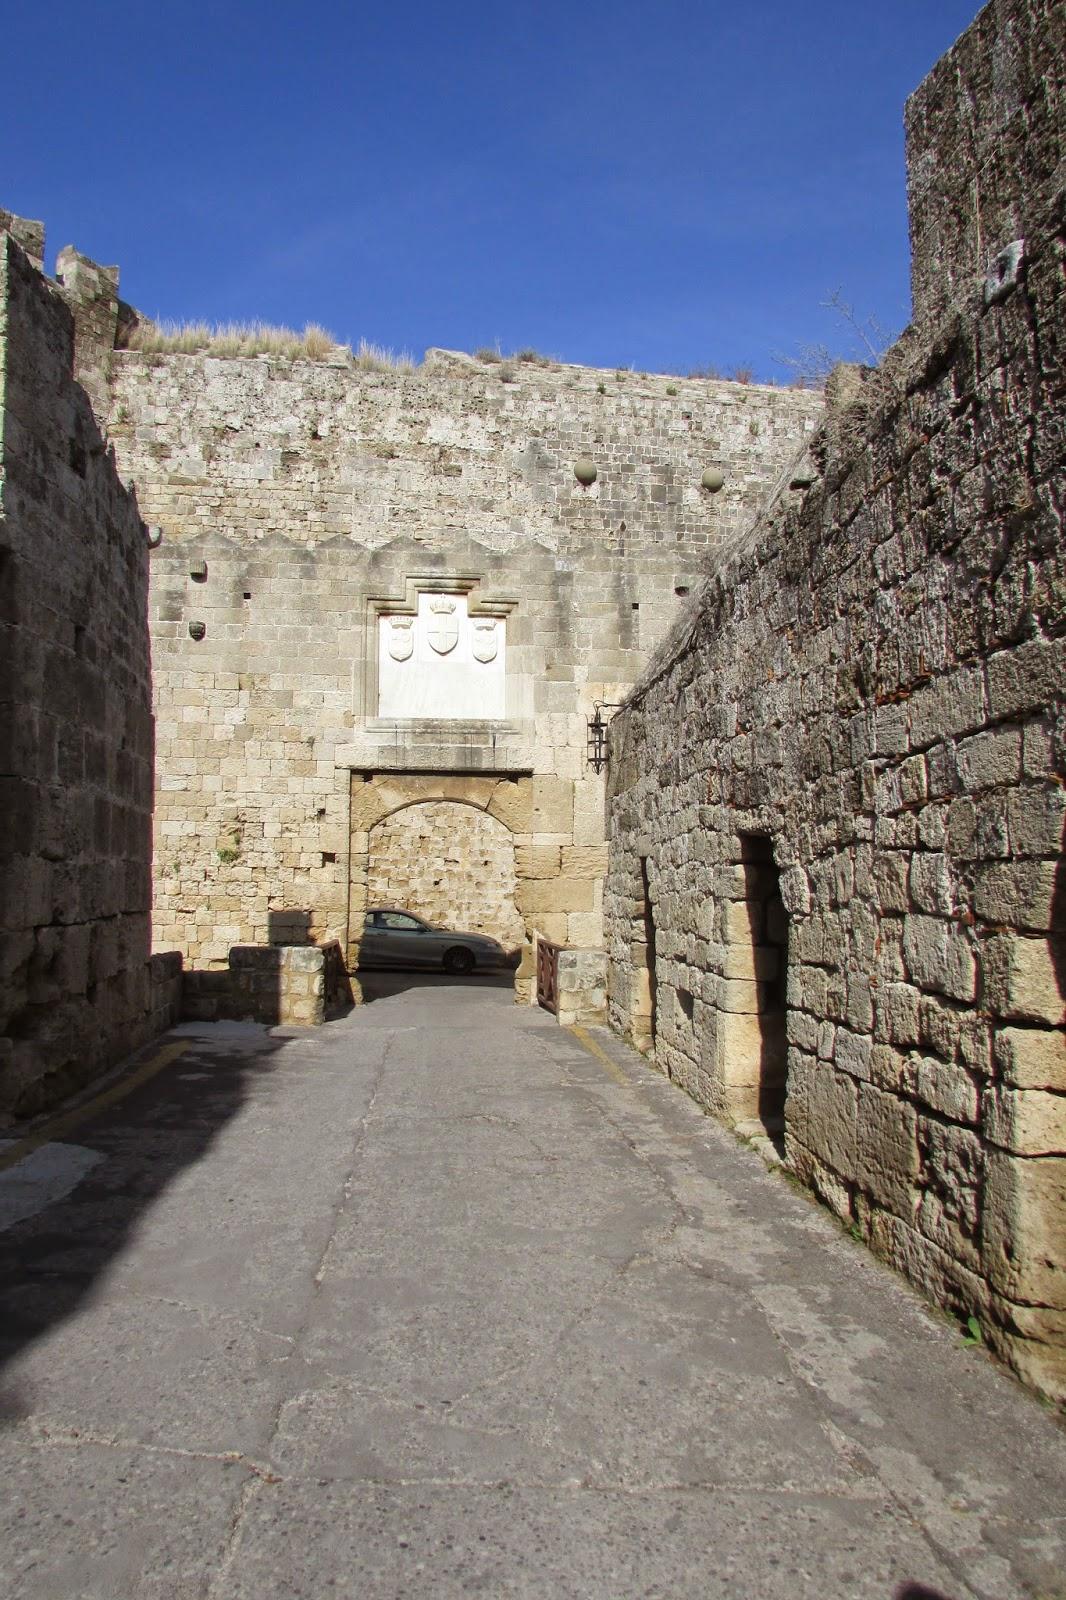 bramy Starego Miasta - Brama św. Atanazego